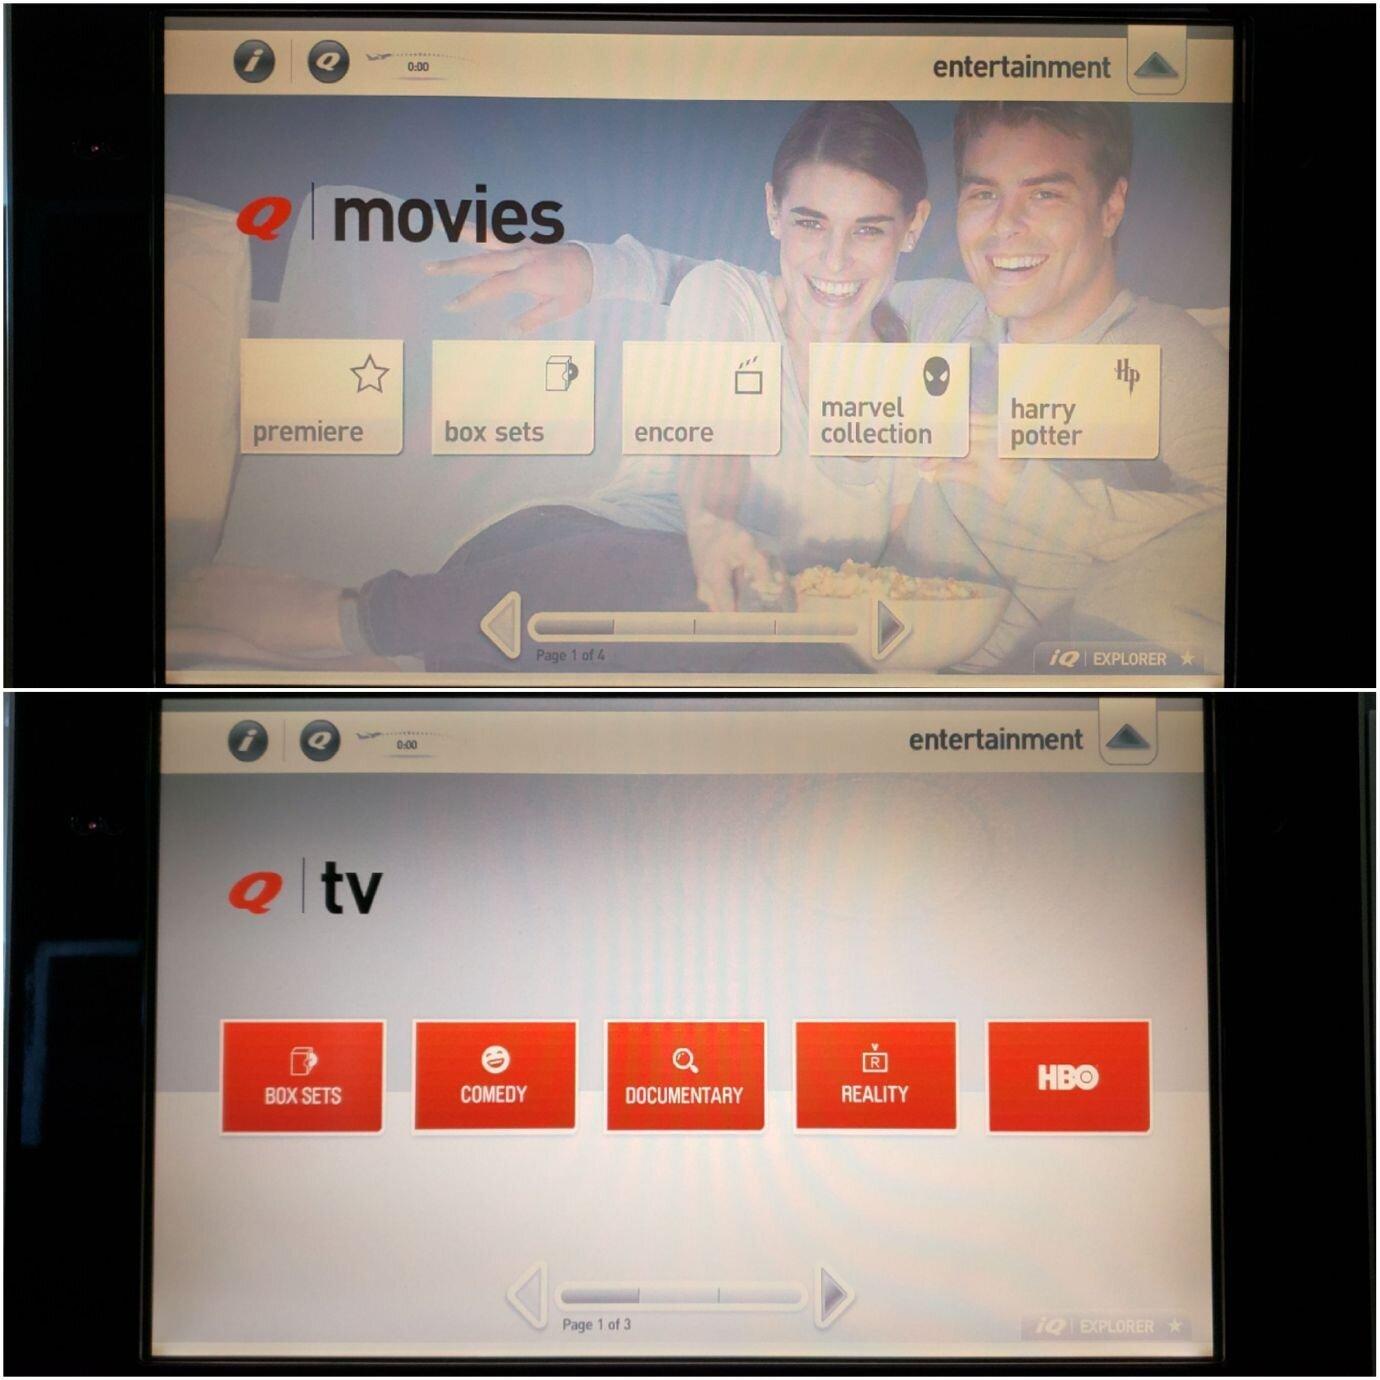 電影(上圖)與電視影集(下圖)選擇